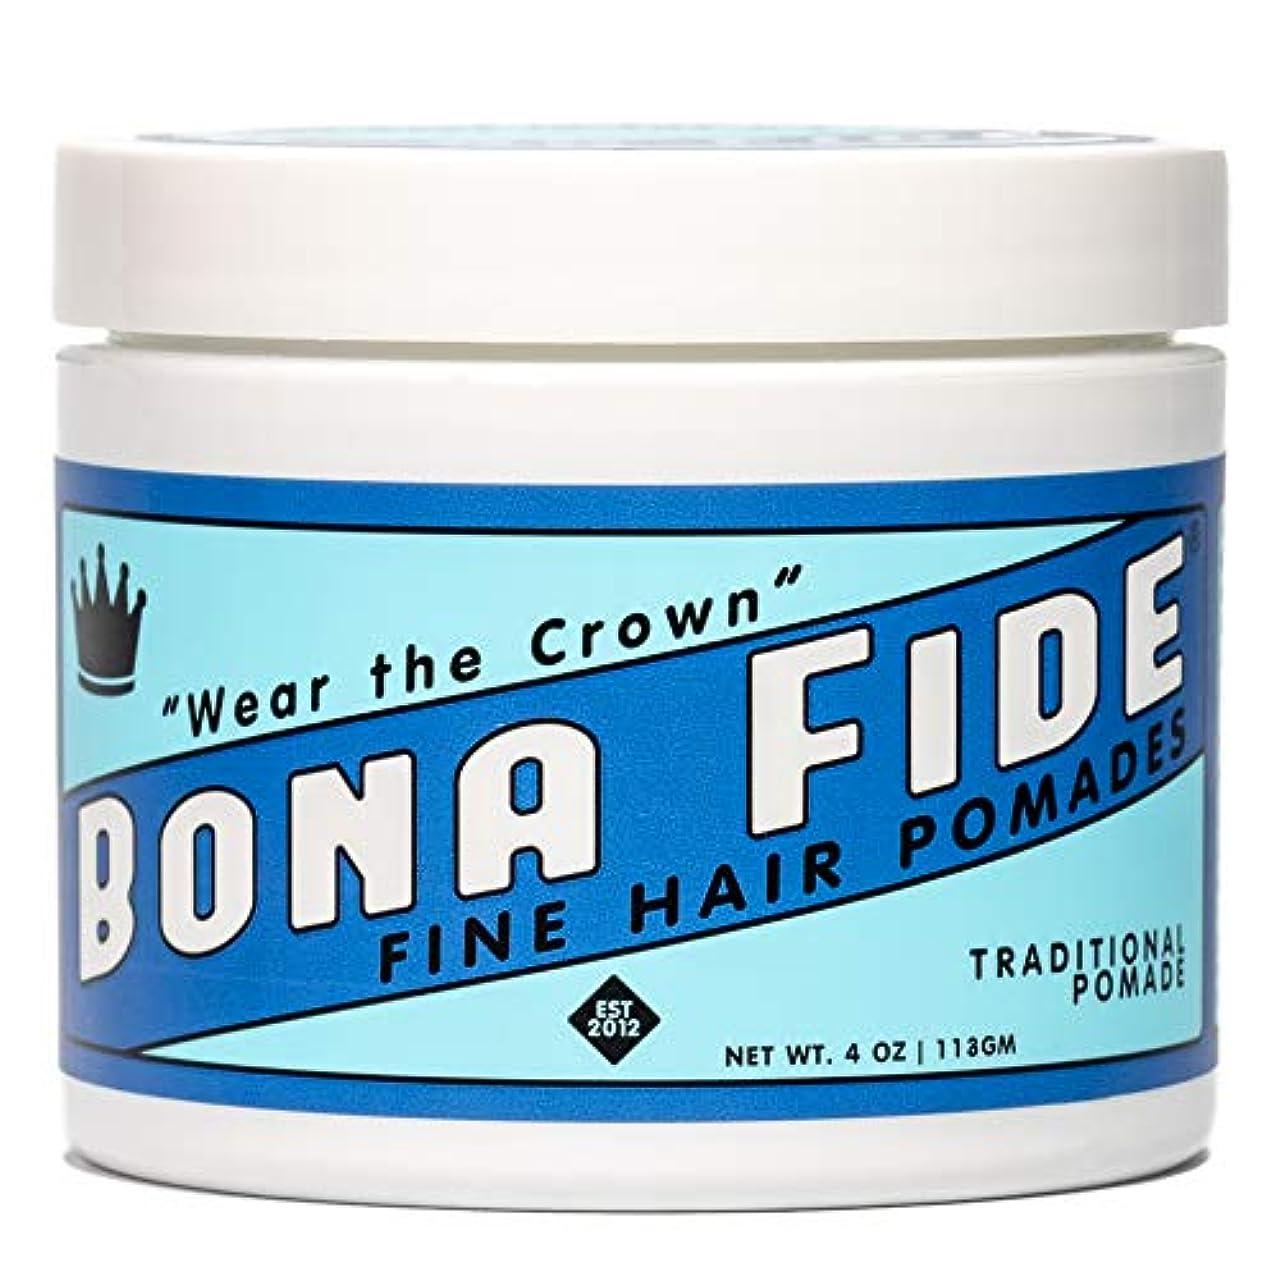 嫉妬ダウンリンケージBona Fide Pomade, トラディショナルポマード, TRADITIONAL POMADE, 4oz (113g)、オイルベースポマード (整髪料/ヘアー スタイリング剤)